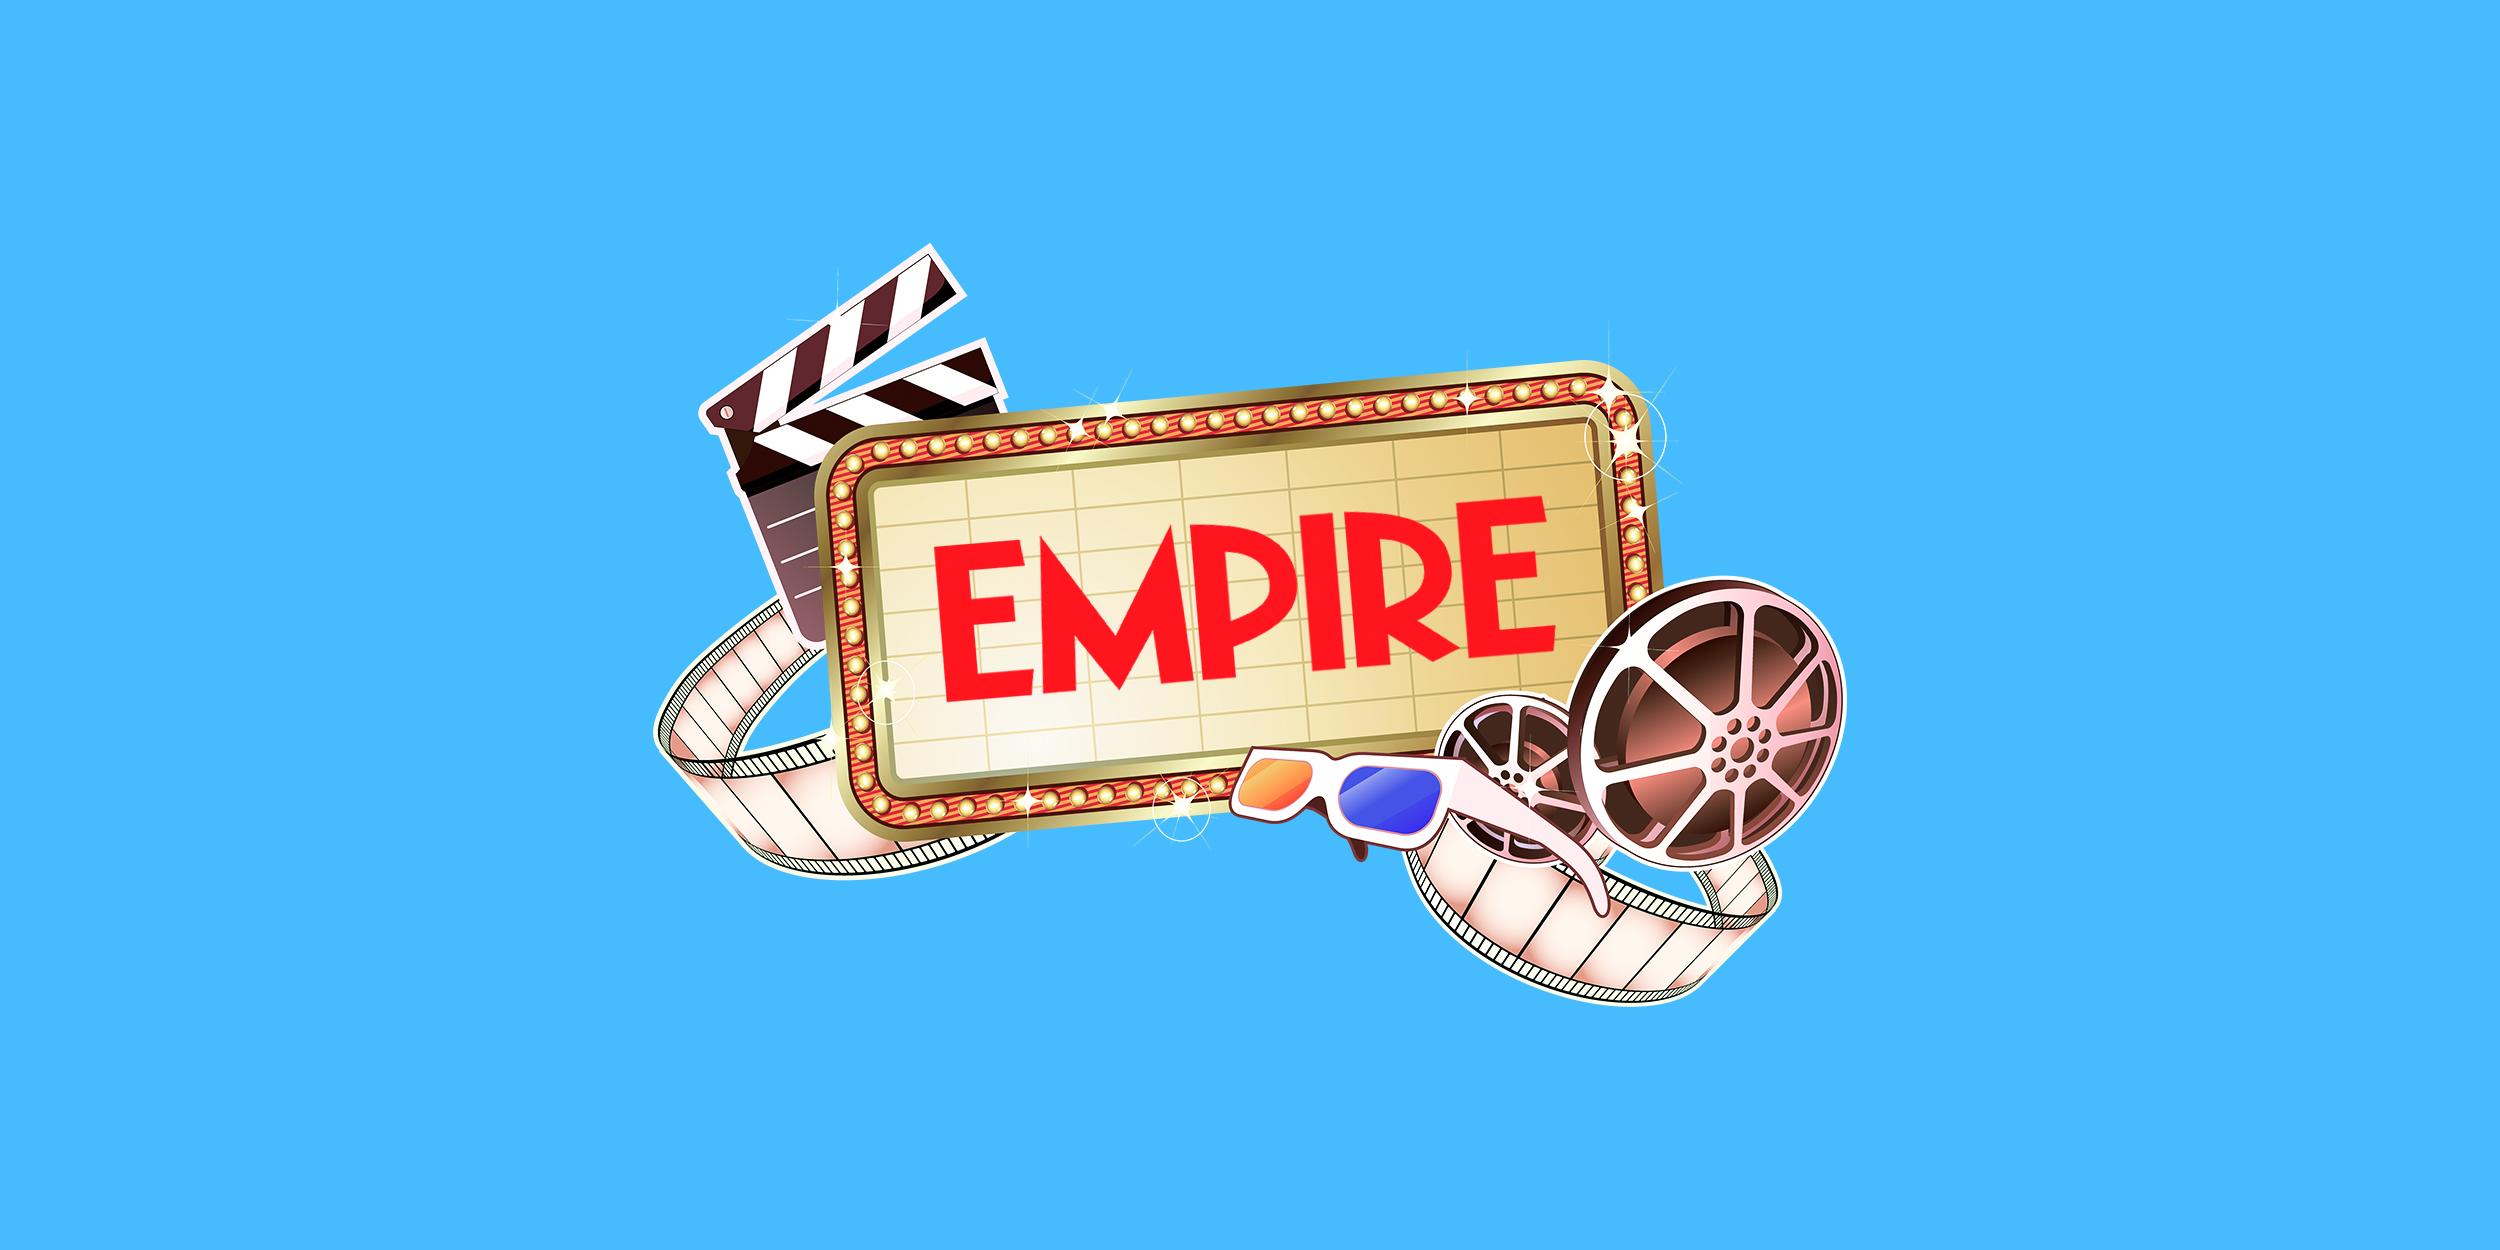 50 лучших фильмов всех времён по версии киножурнала Empire